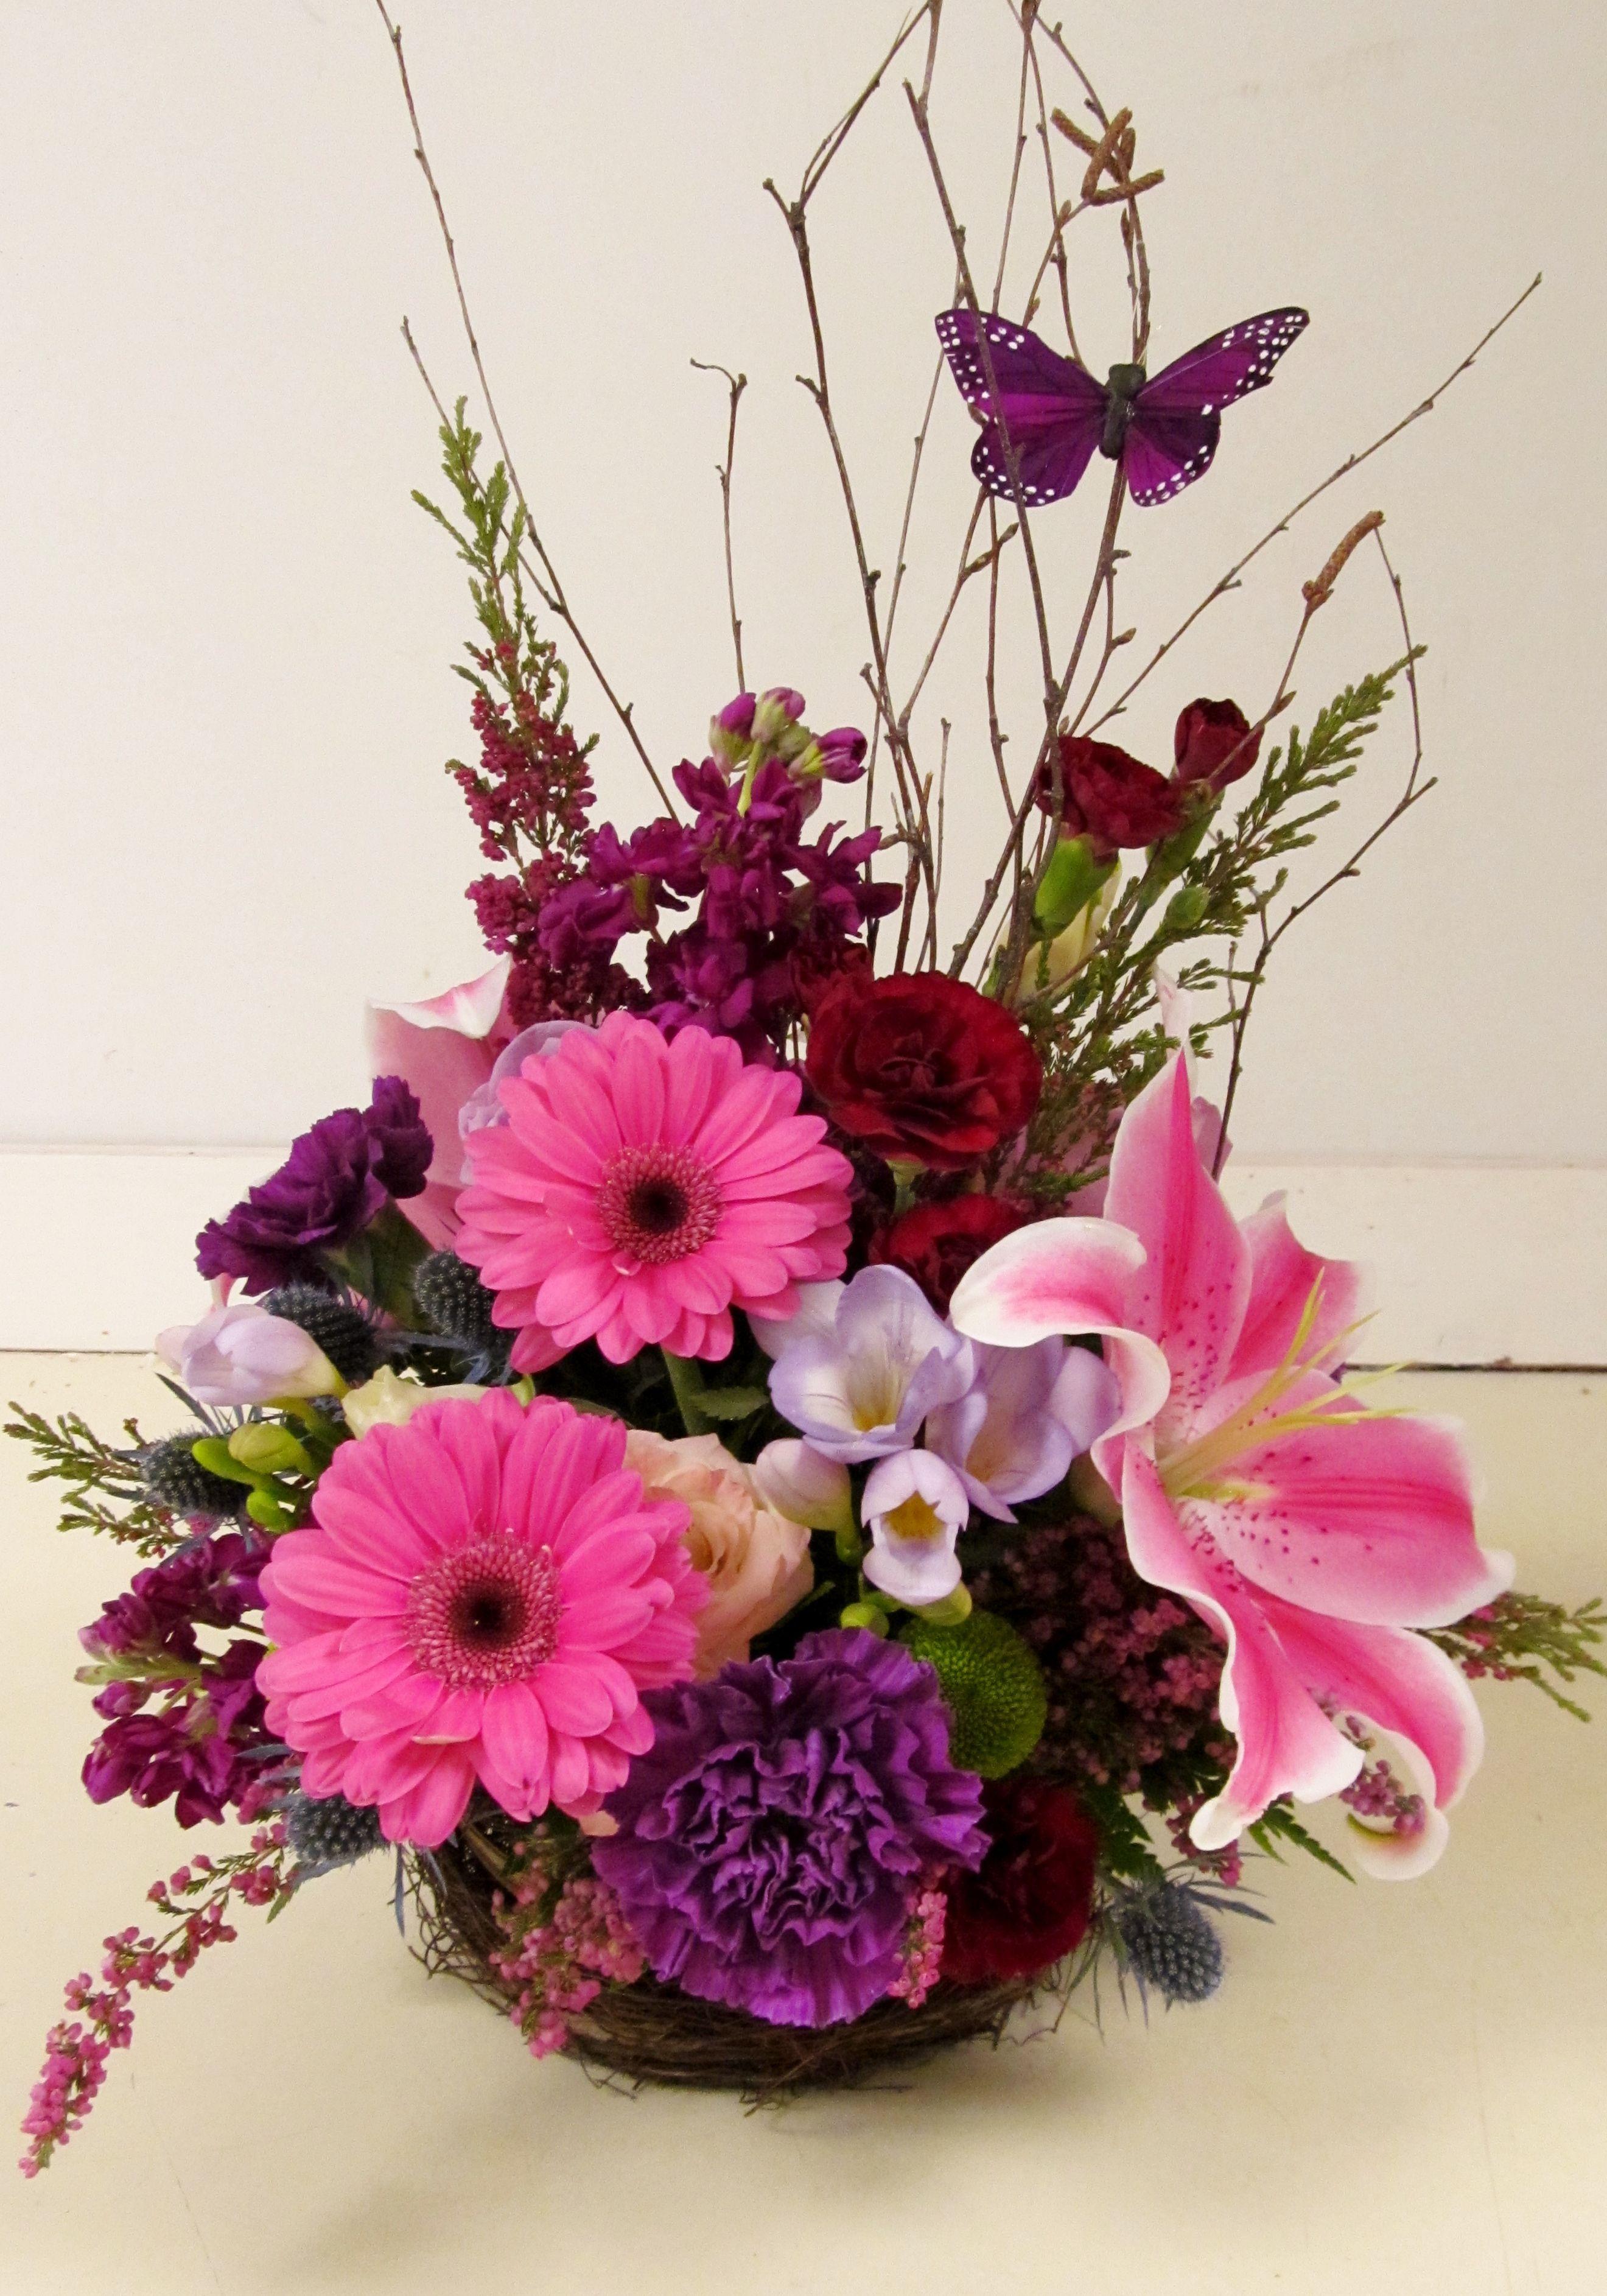 Bright Floral Arrangement With A Springtime Butterfly Floral Floral Arrangements Flower Arrangements